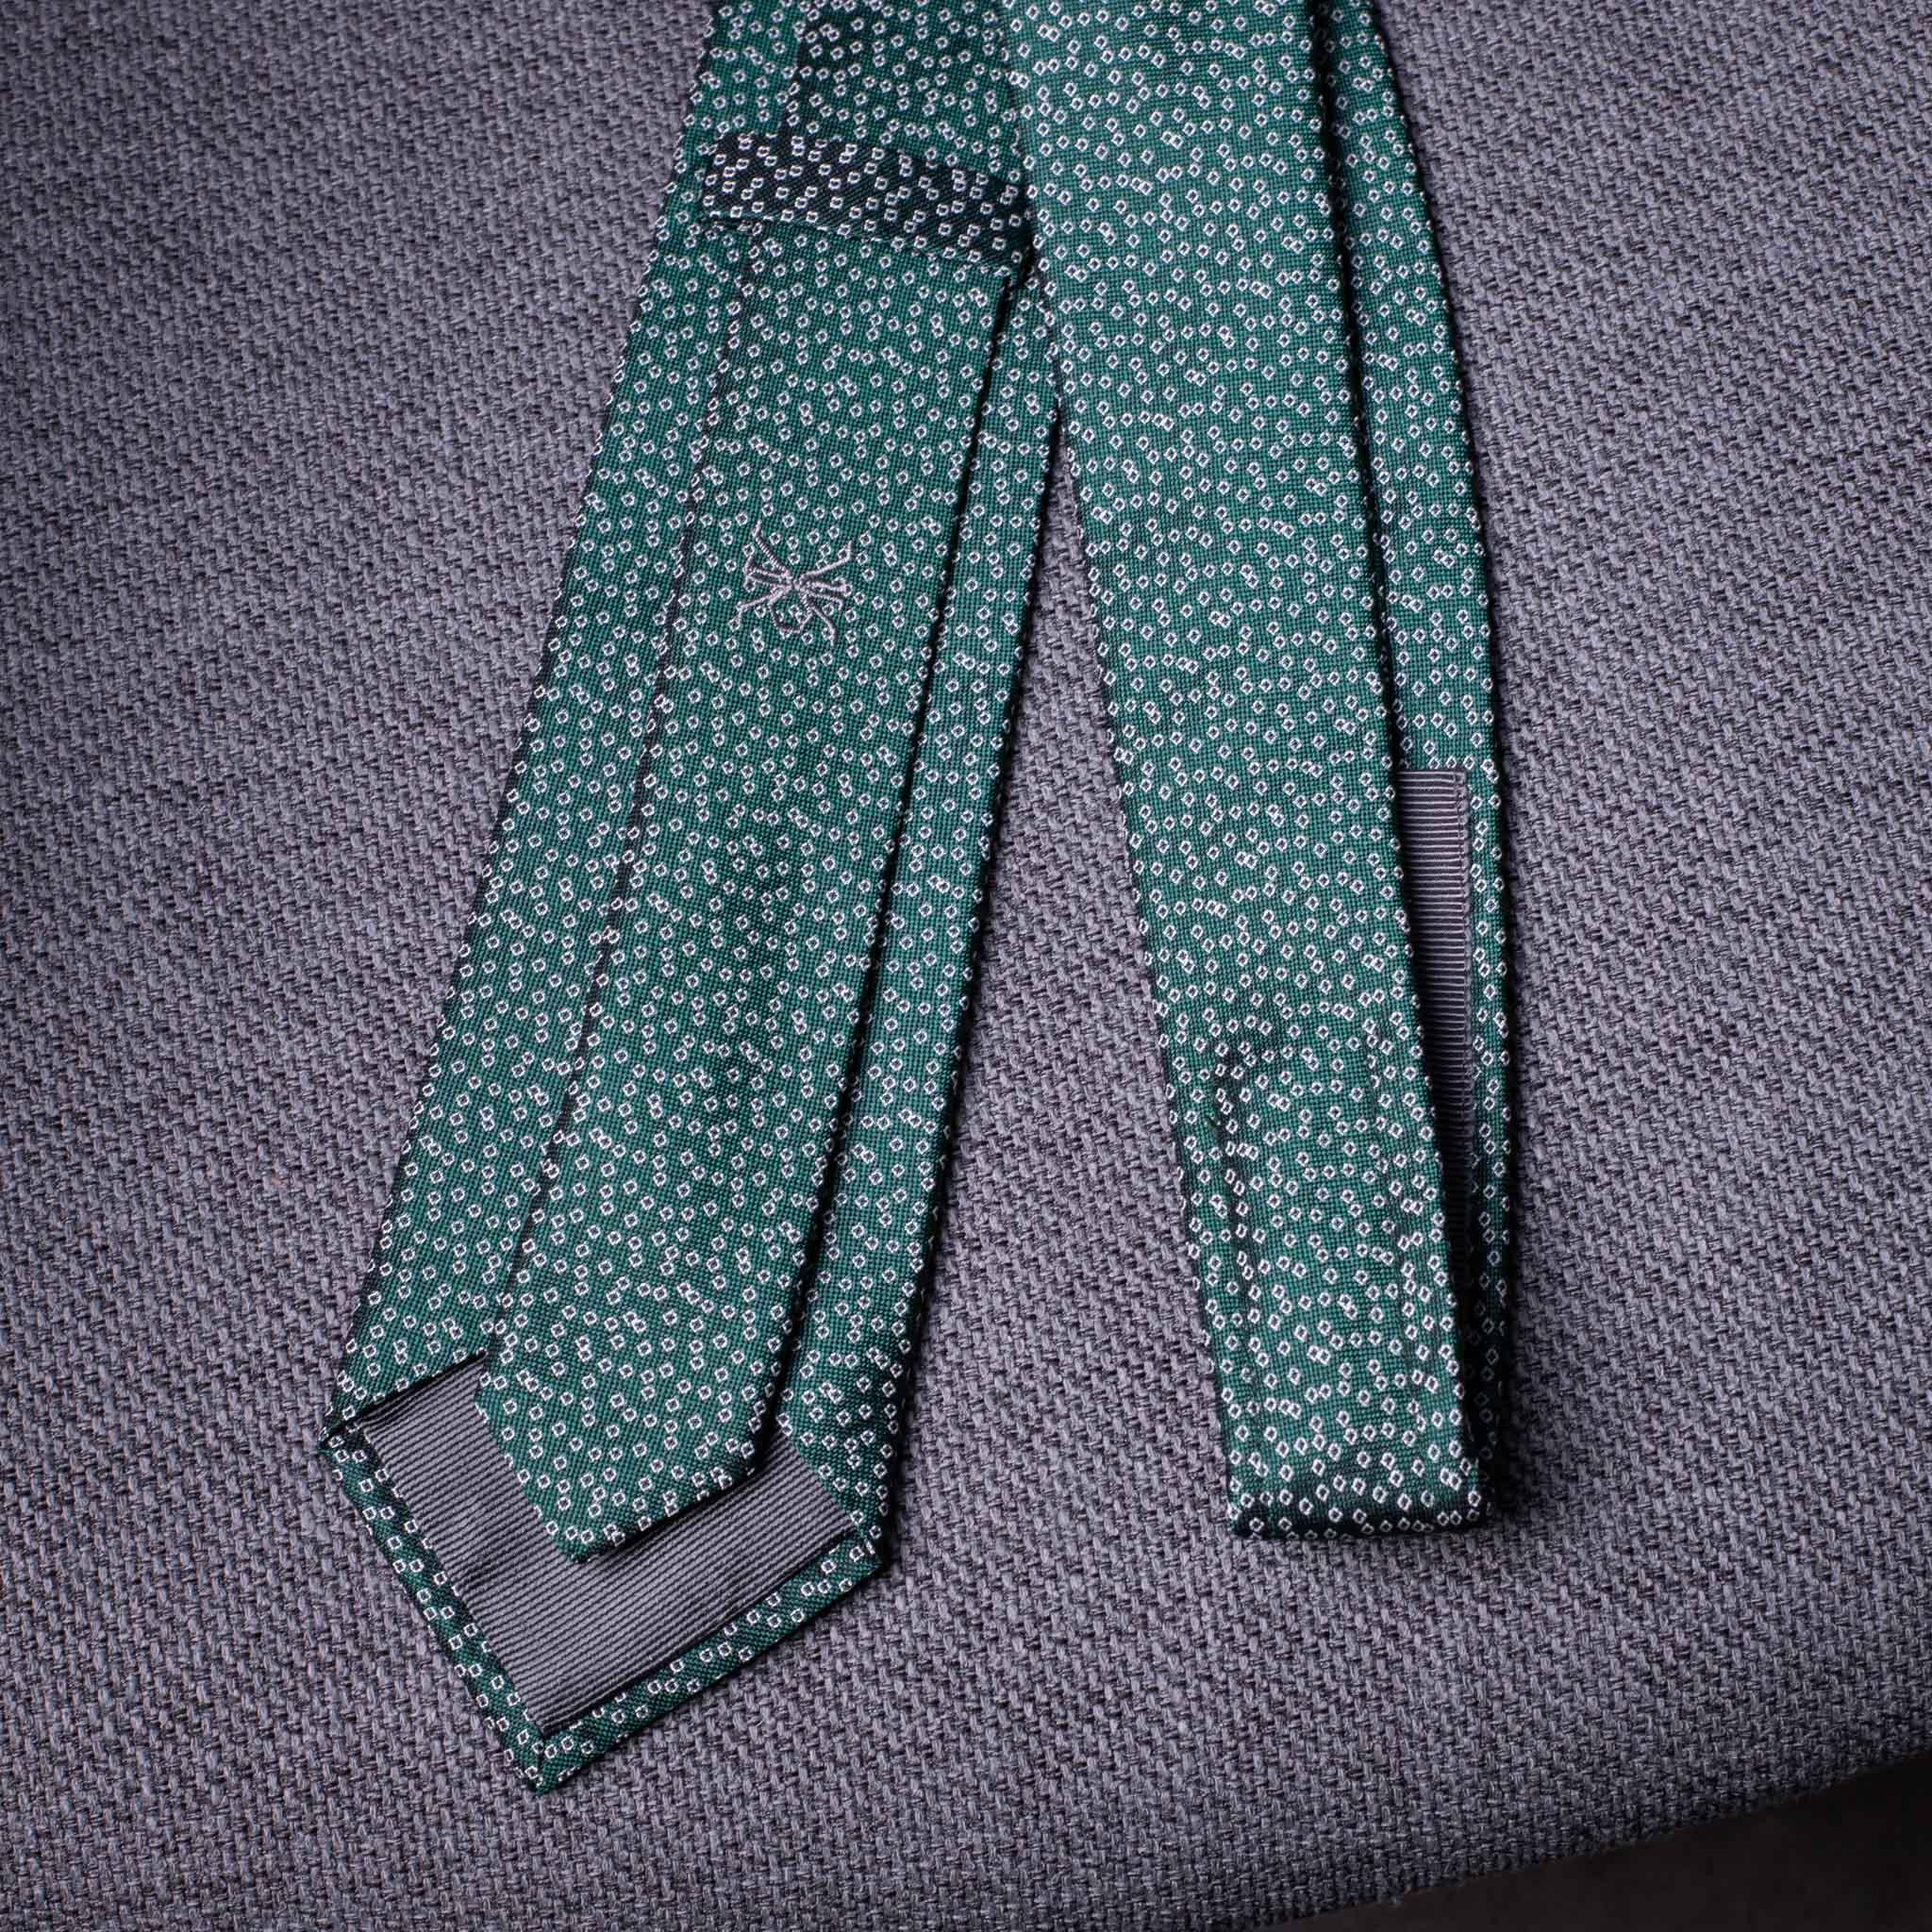 JACQUARD-0507-Tie-Initials-Corbata-Iniciales-The-Seelk-2